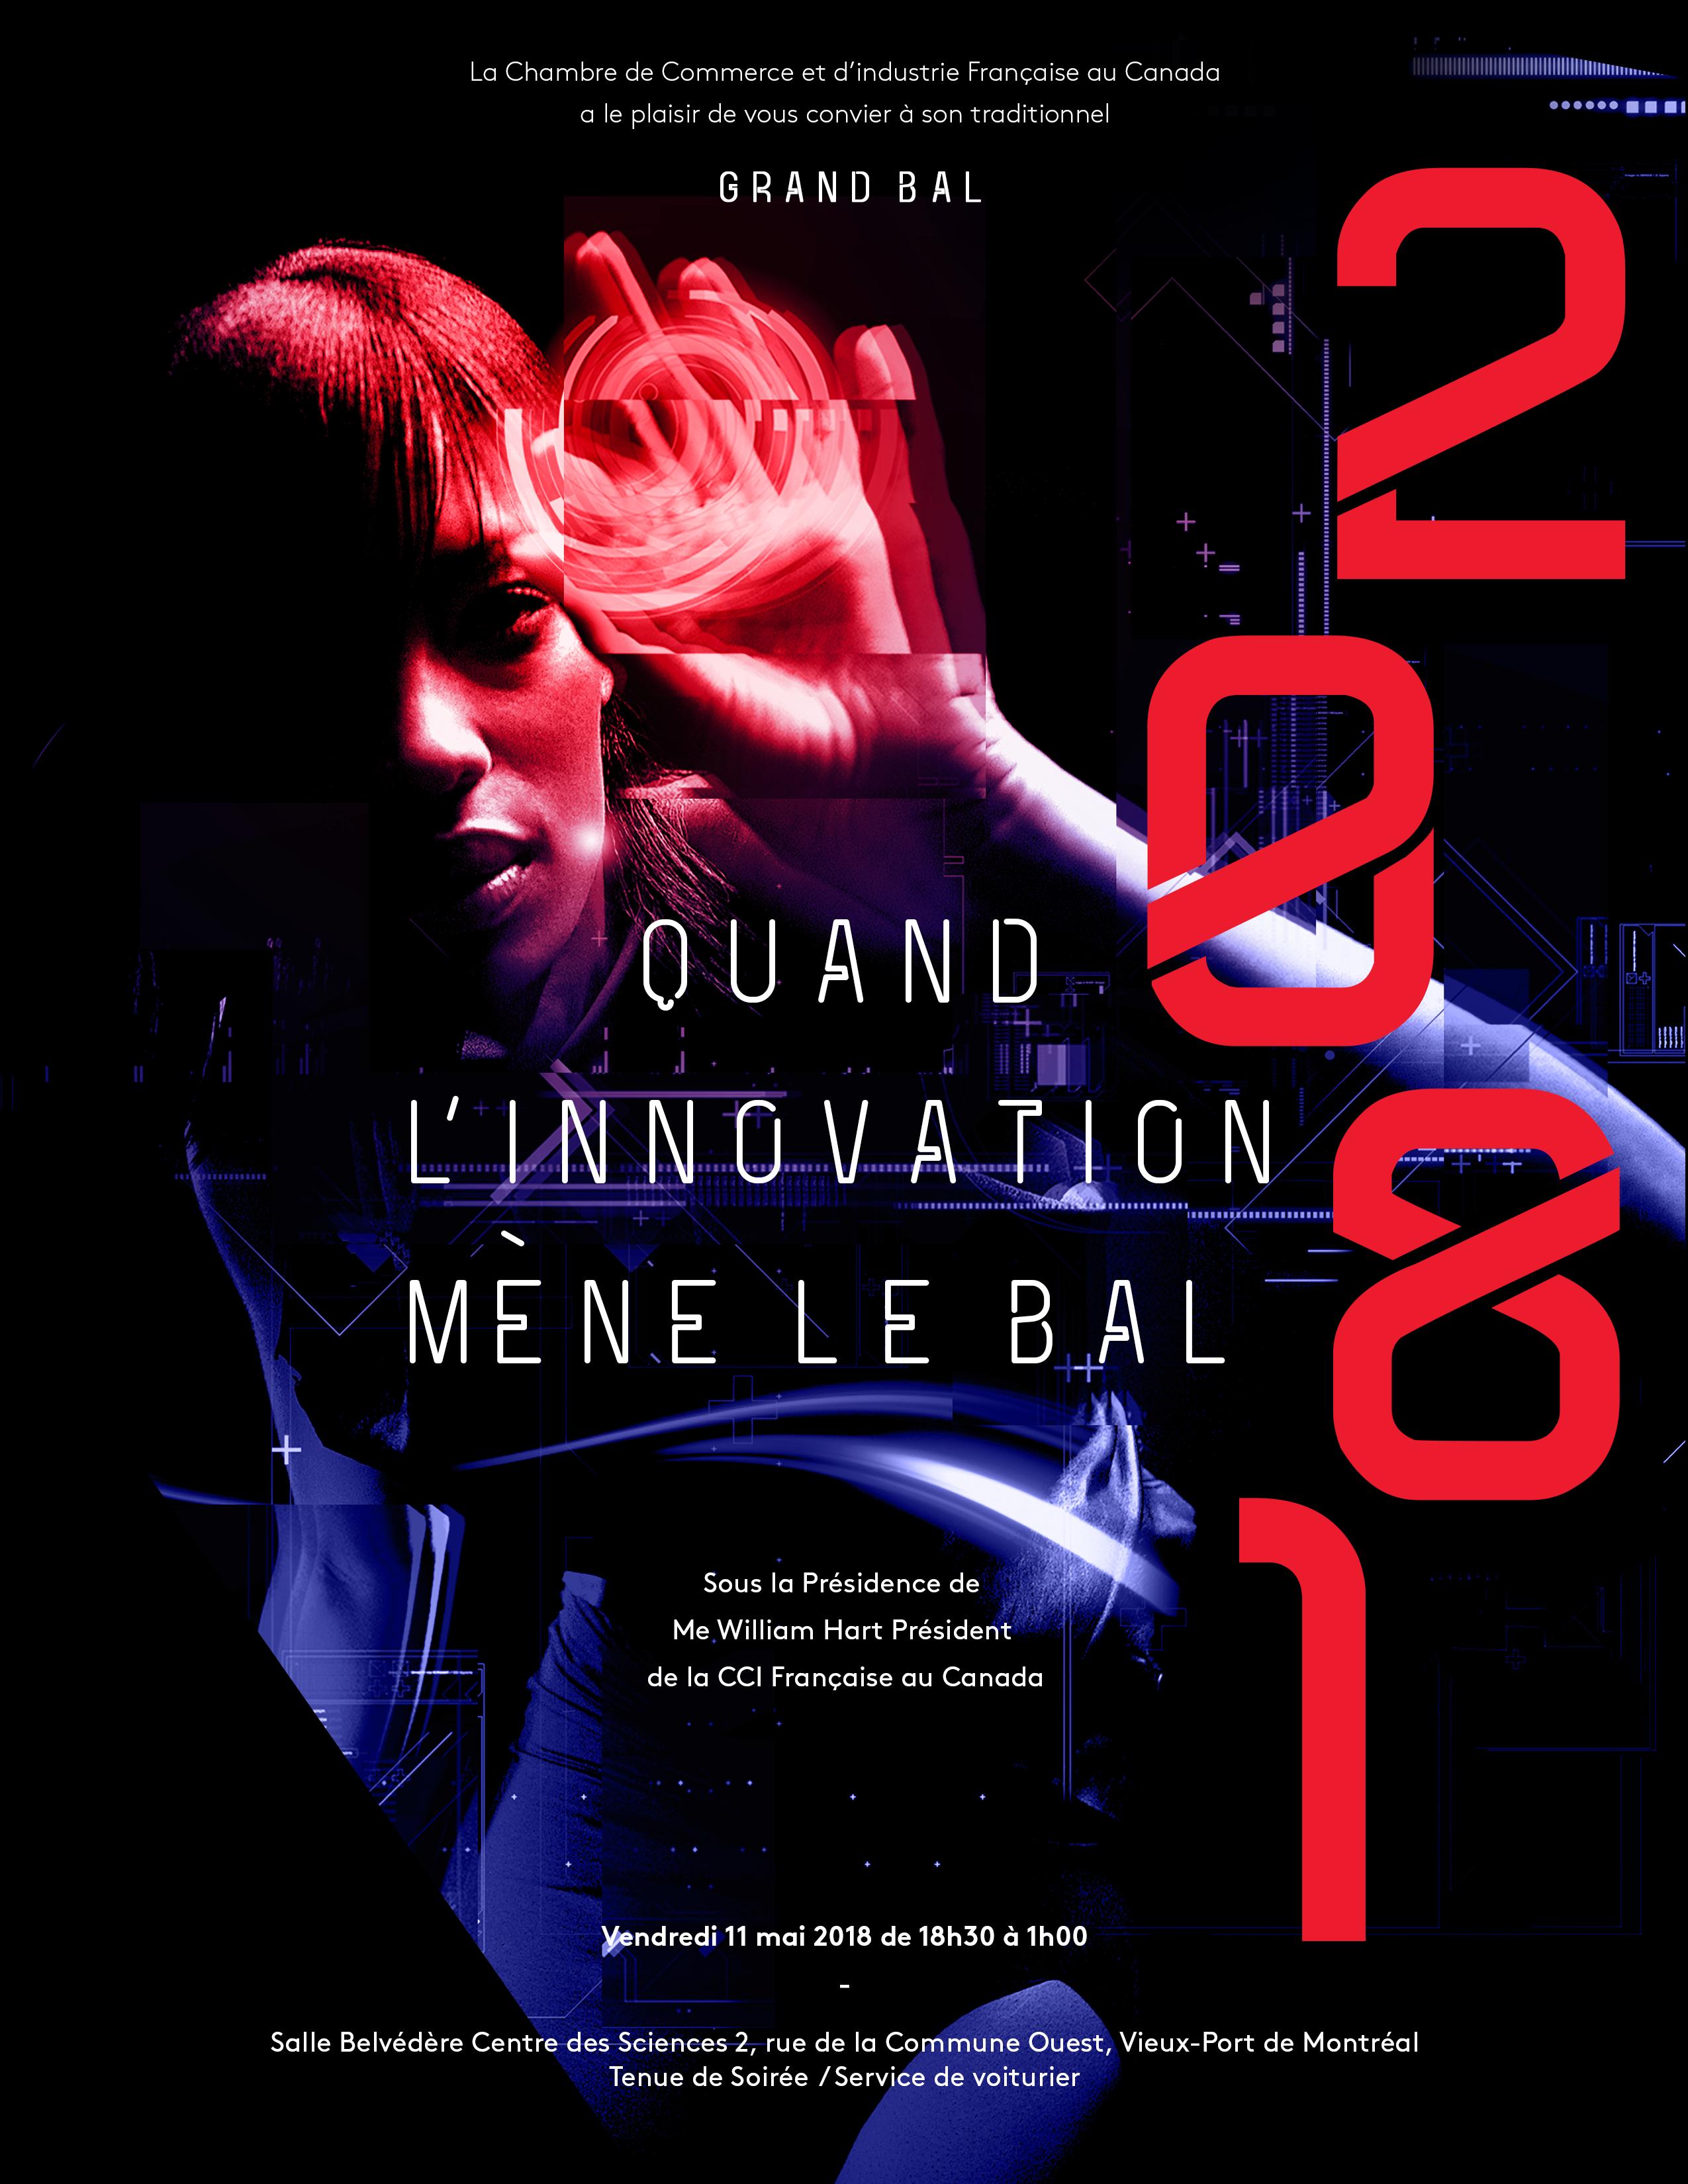 Grand Bal de la Chambre de Commerce et d'Industrie Française au Canada    -Quand l'Innovation mène le Bal -